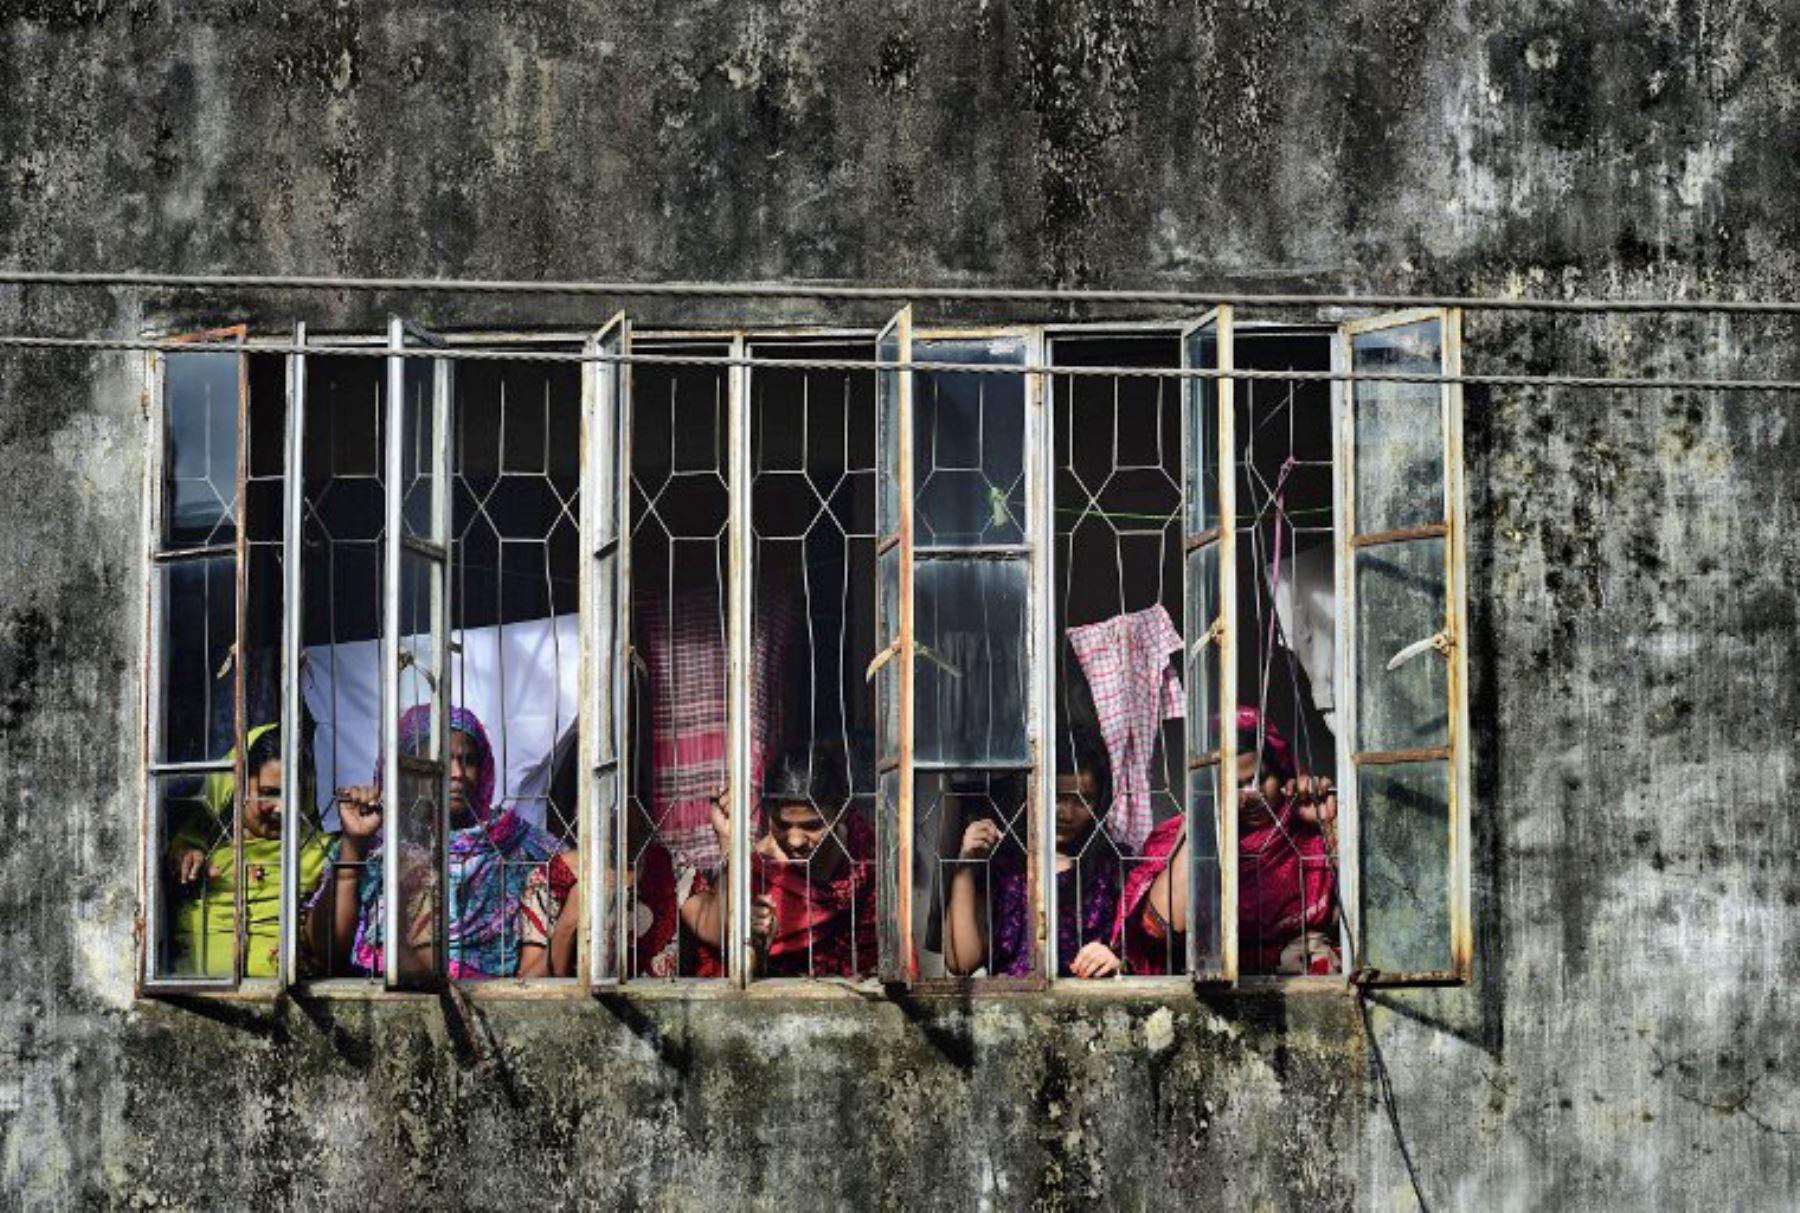 Pobladores se reúnen cerca de la casa donde la policía mató a nueve presuntos extremistas islámicos en Dhaka. Foto: AFP